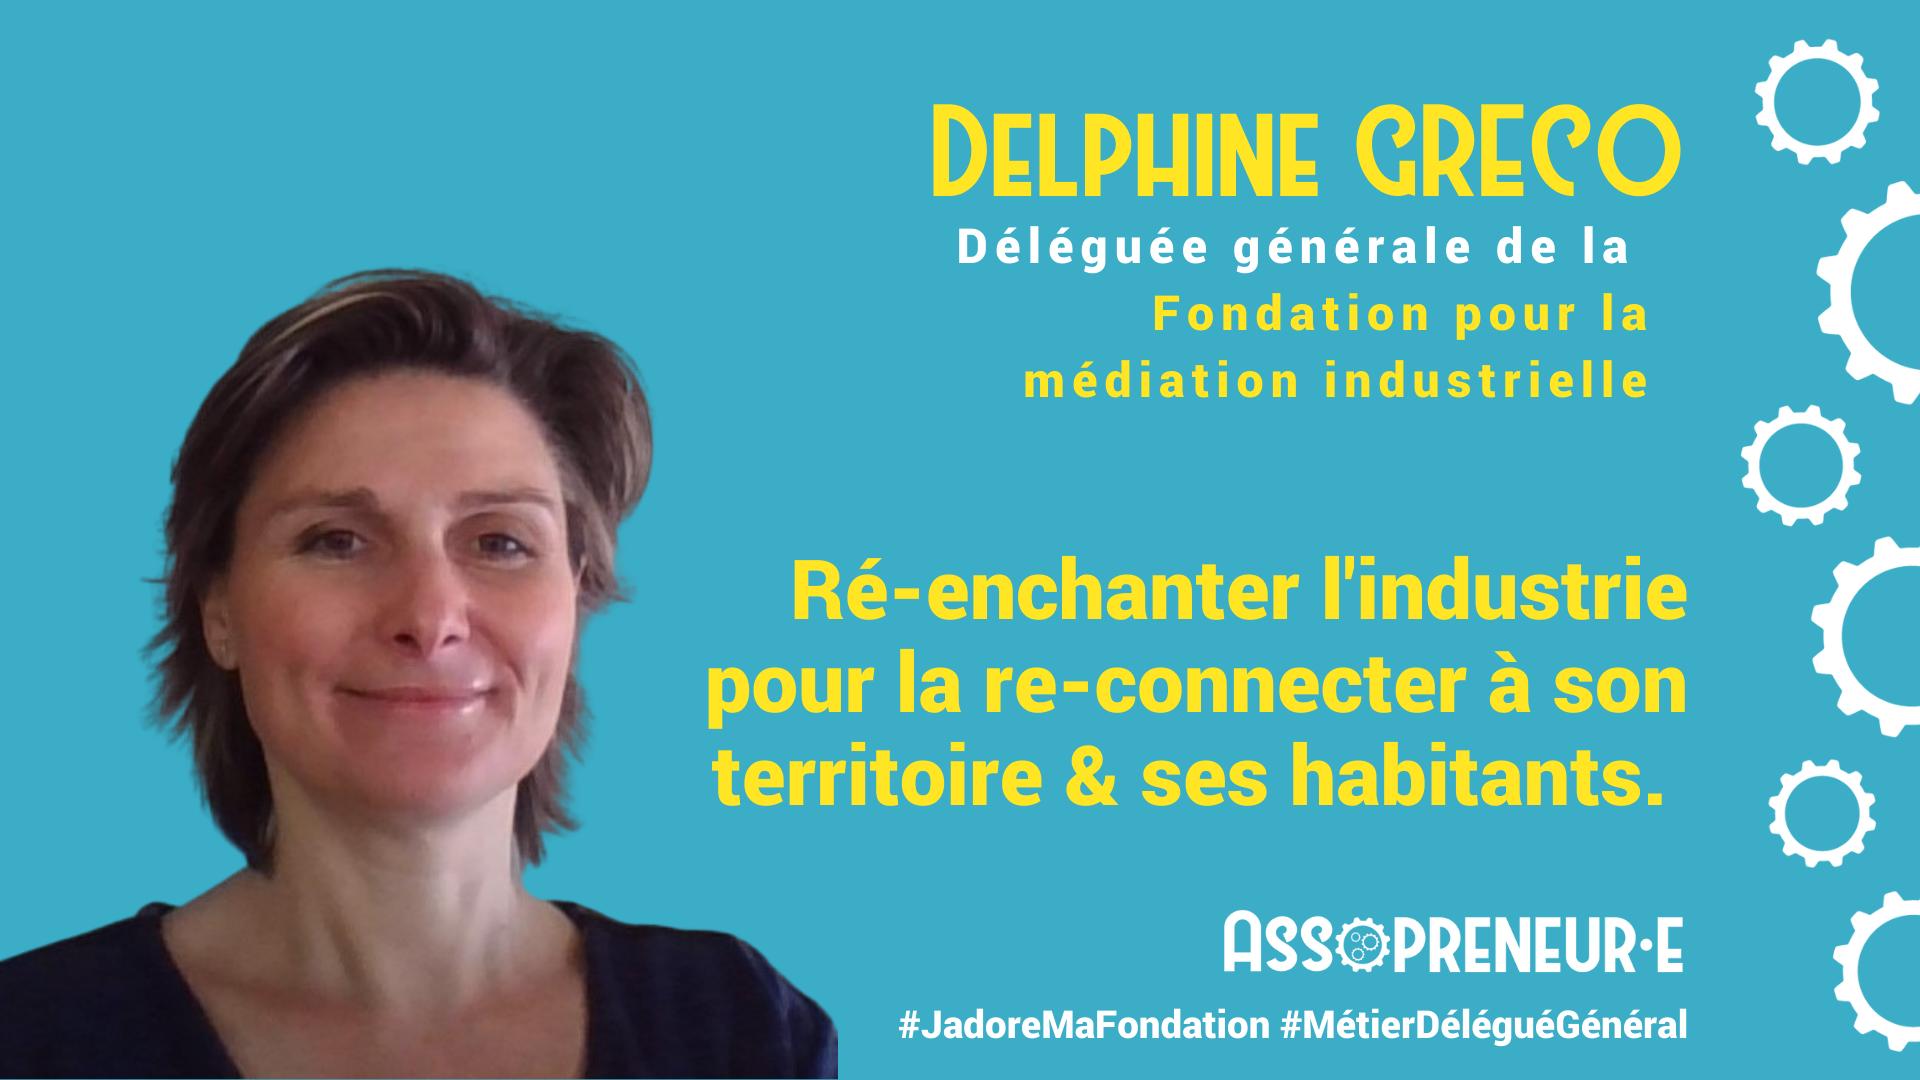 Delphine GRECO membre programme Assopreneur